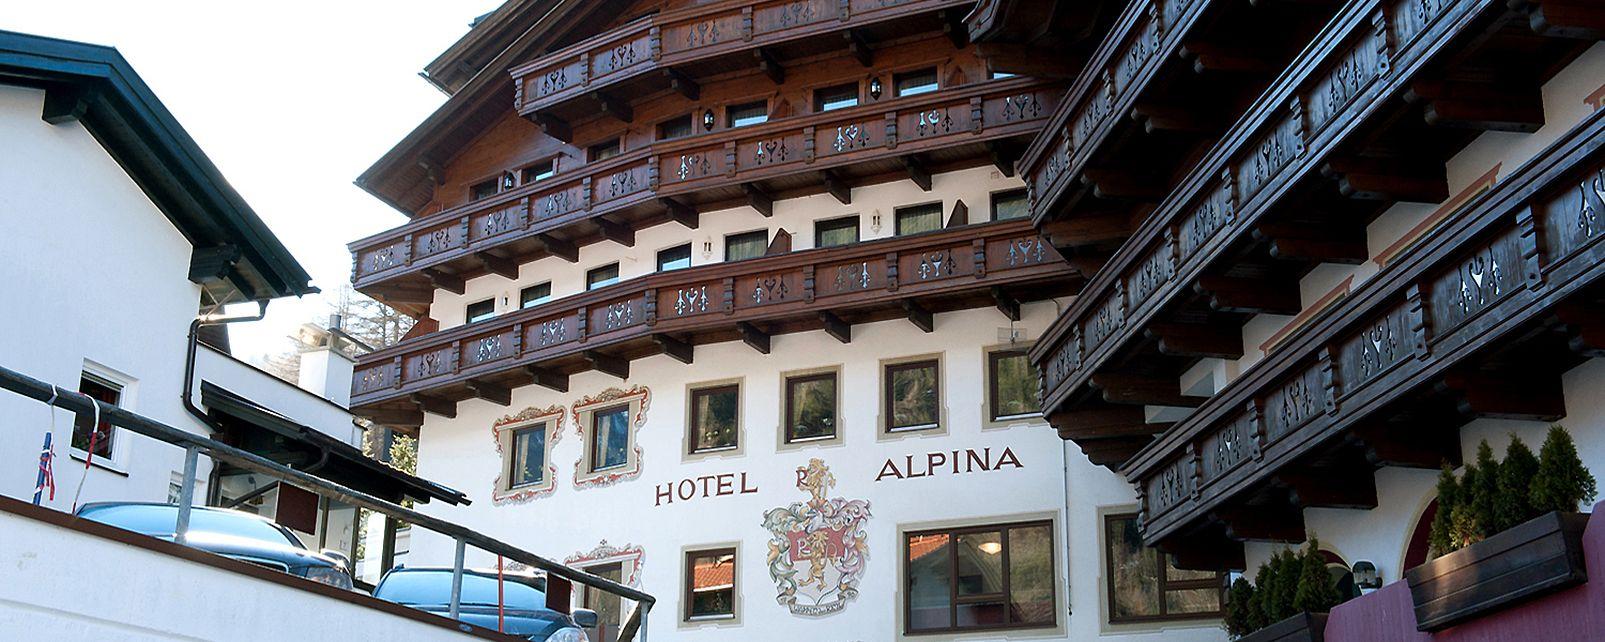 Hotel Alpina Soelden